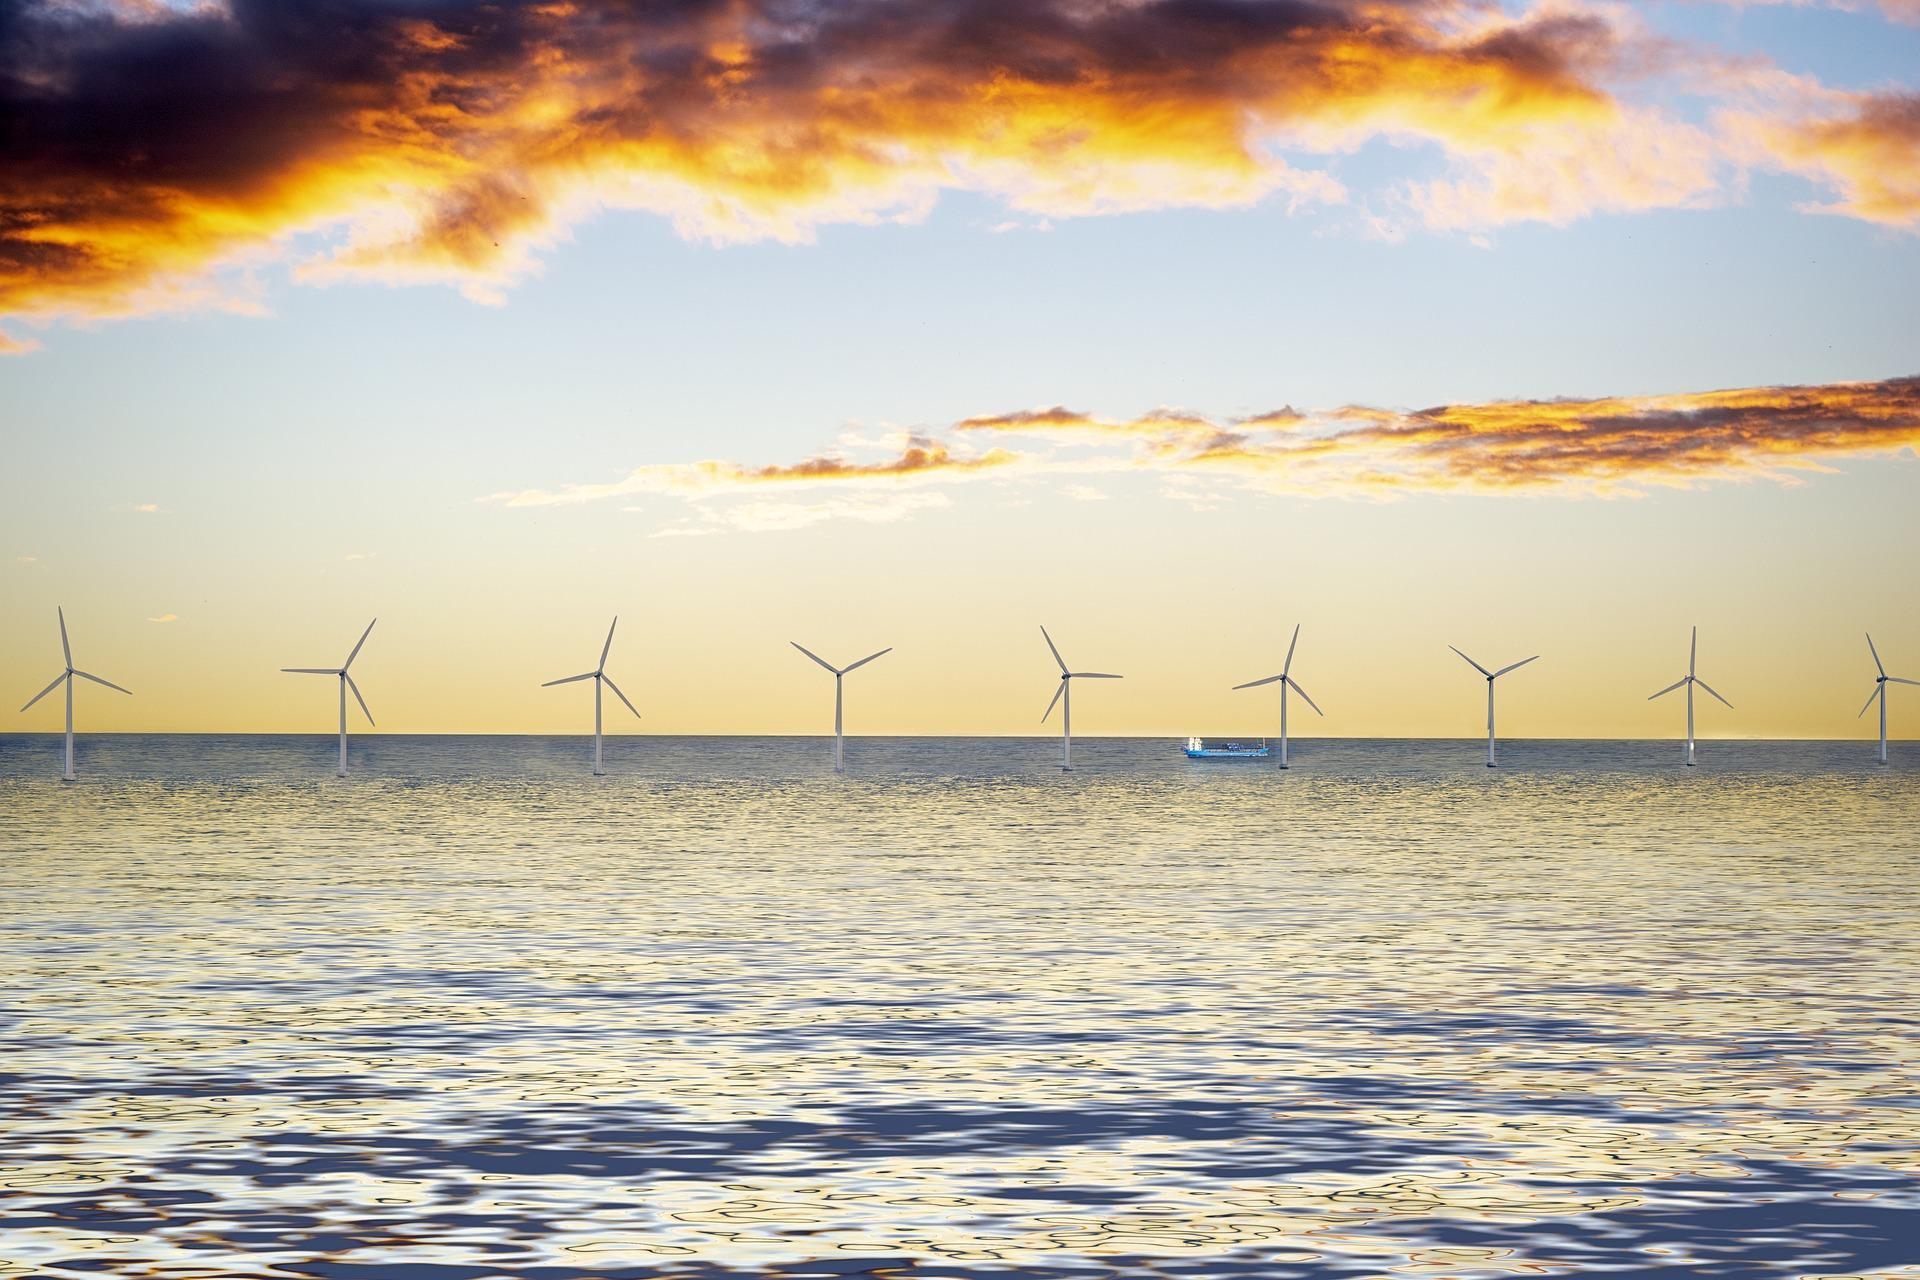 Il vento vuole il mare aperto